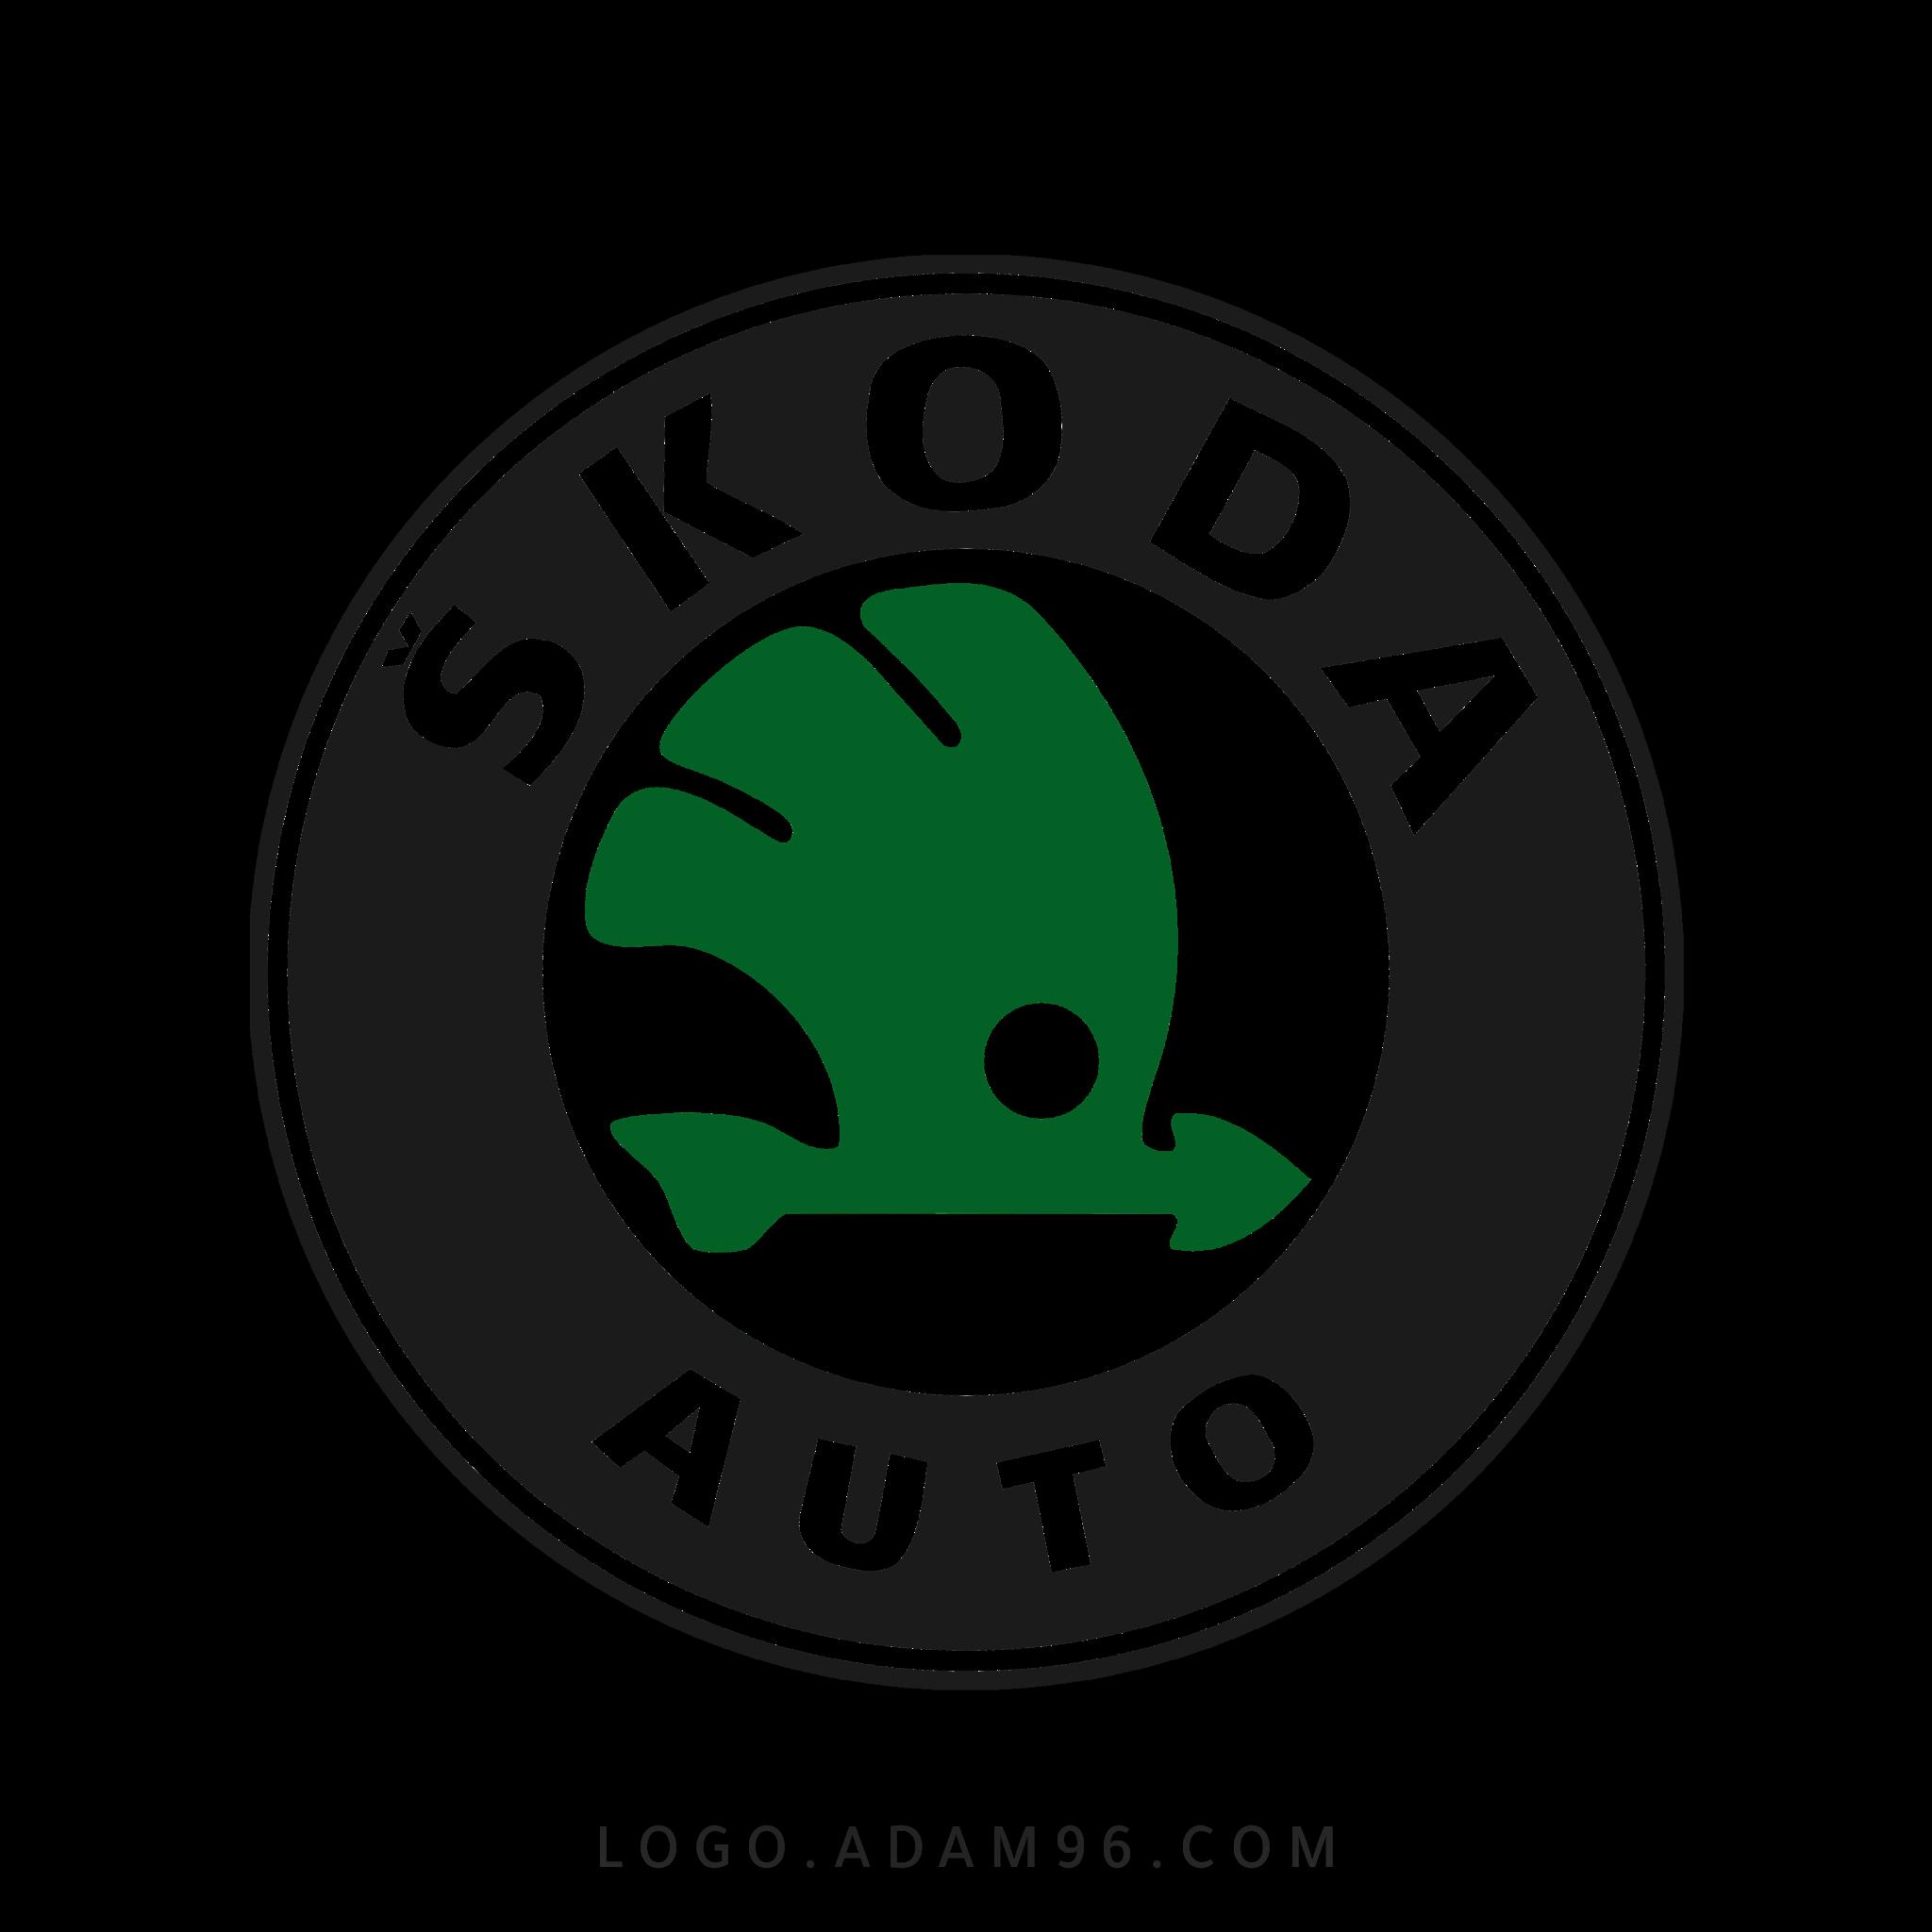 تحميل شعار شركة سكودا لوجو شركة تصنيع السيارات سكودا Logo Skoda PNG